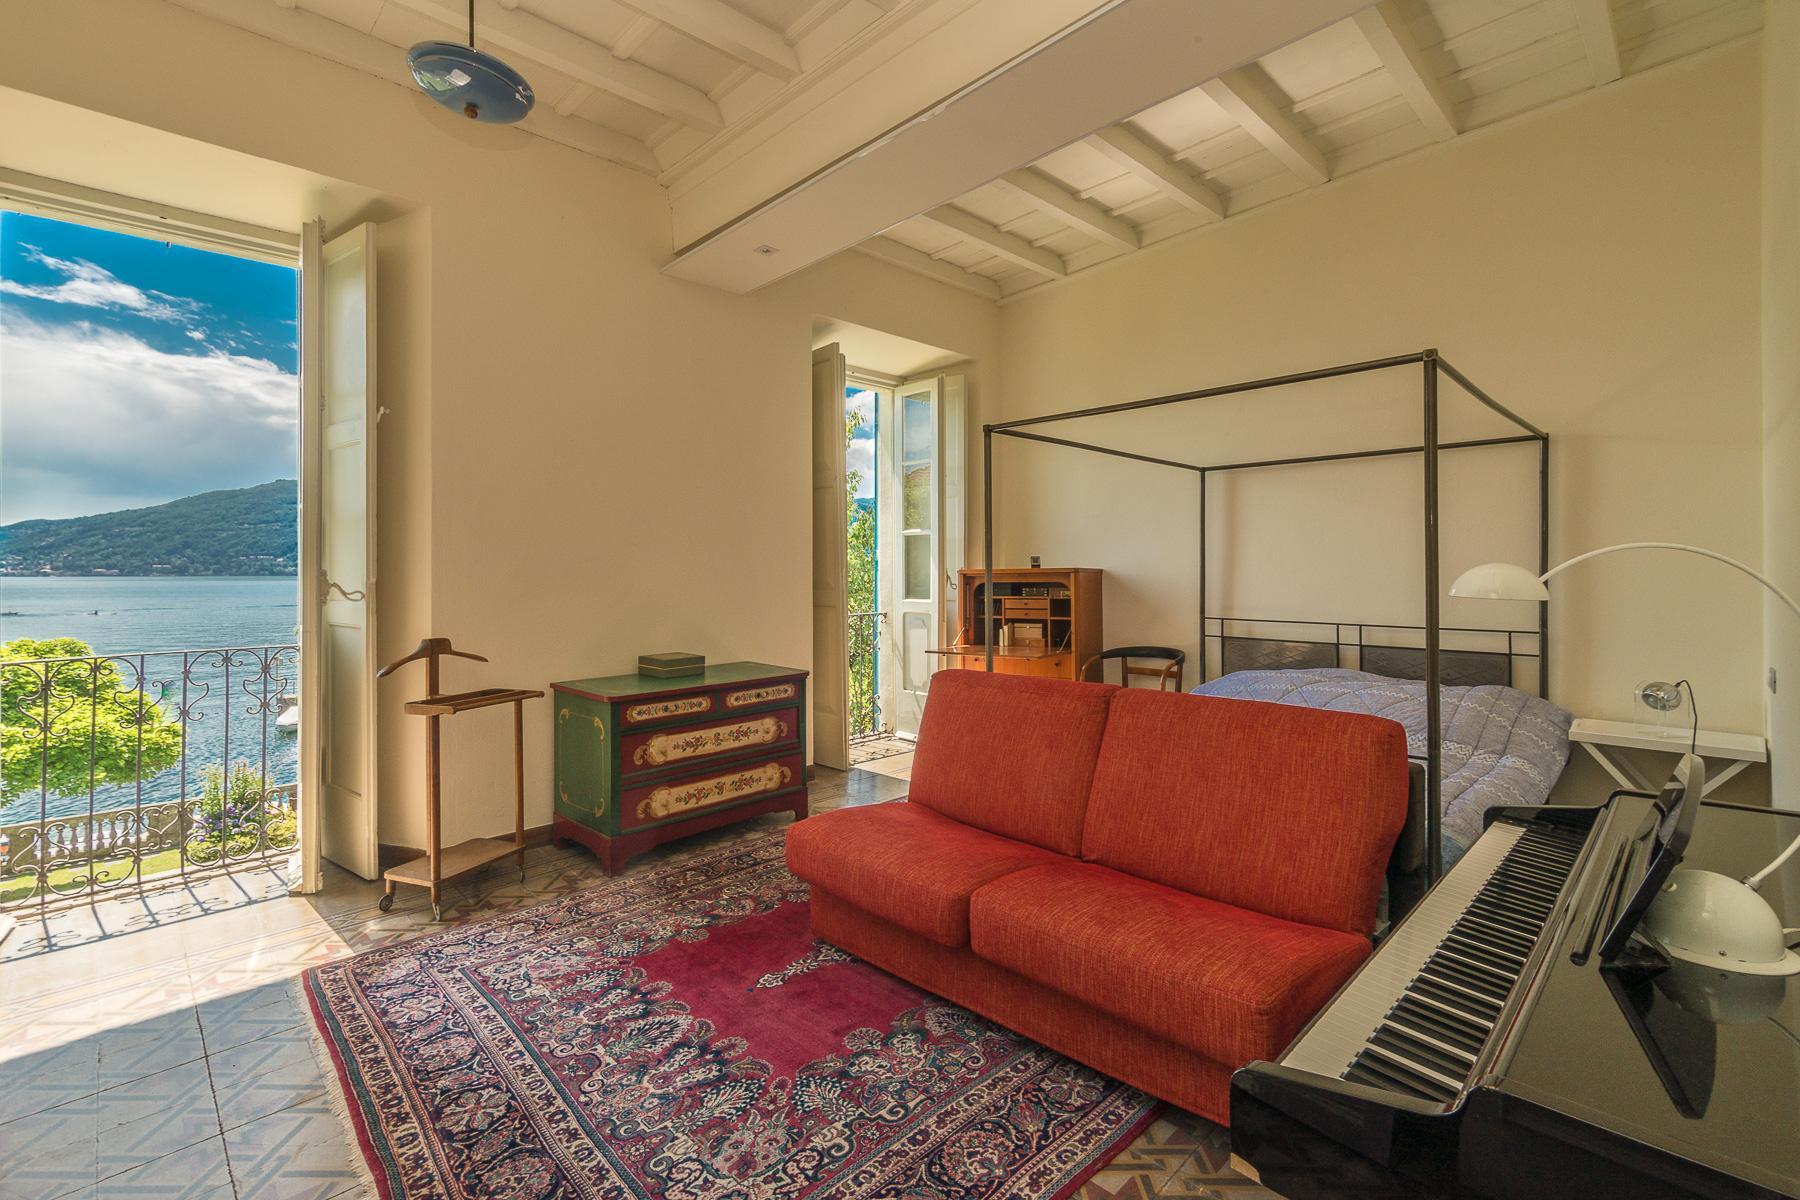 Casa storica direttamente sul lago Maggiore - 25